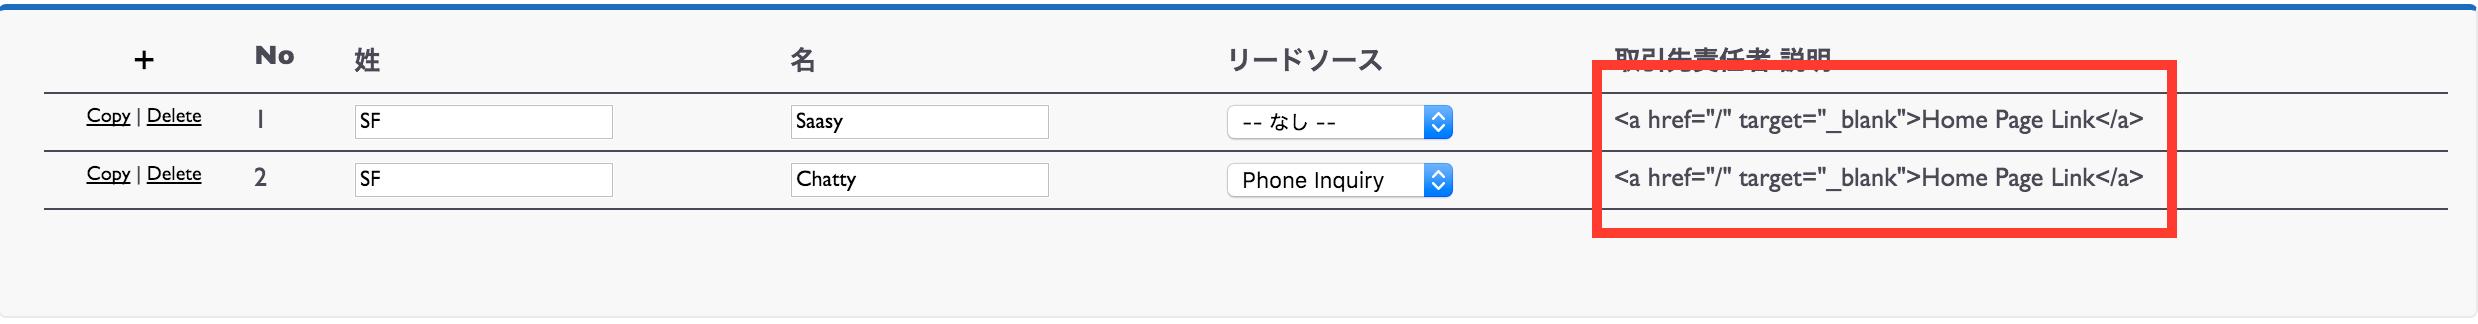 スクリーンショット 2015-12-15 1.51.22.png